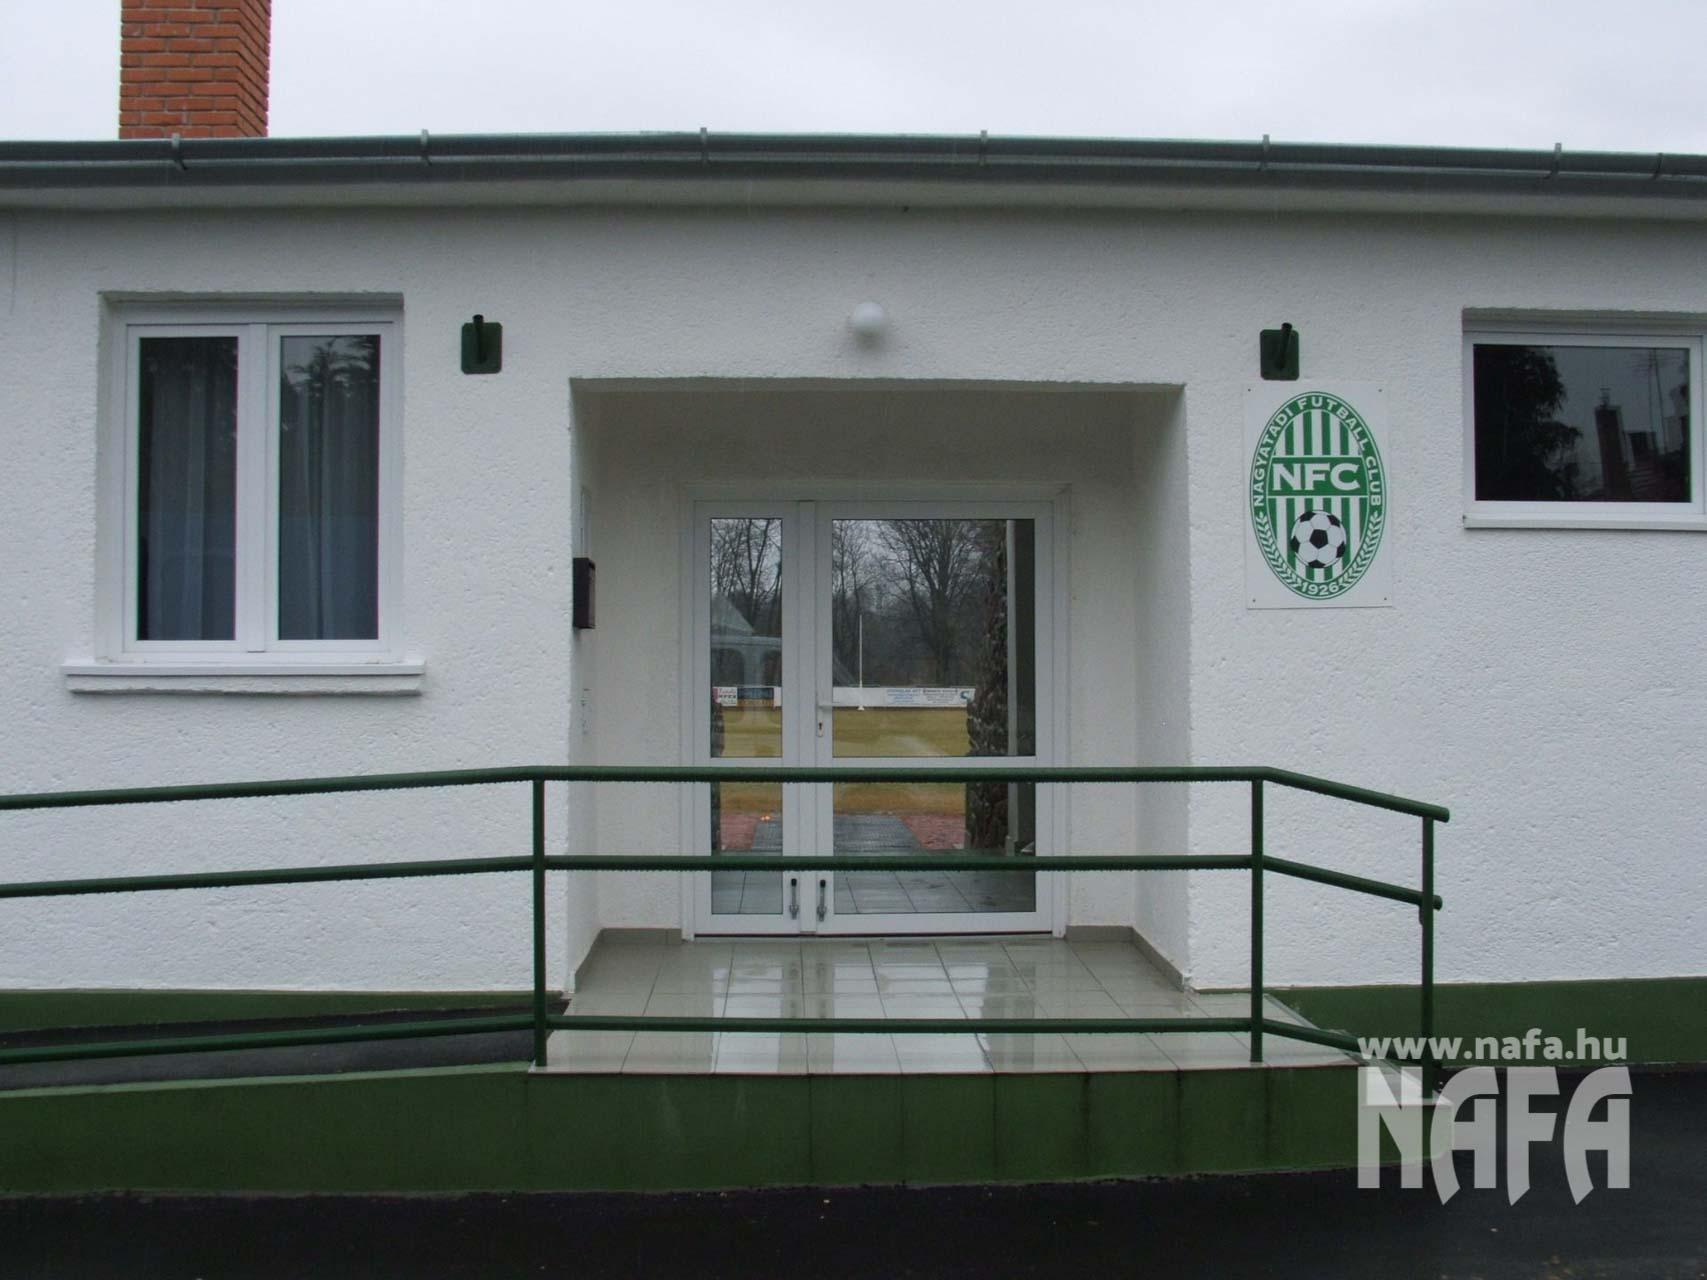 Műanyag nyílászárók, egyedi ablakok és ajtók, Nagyatád Sportkomplexum